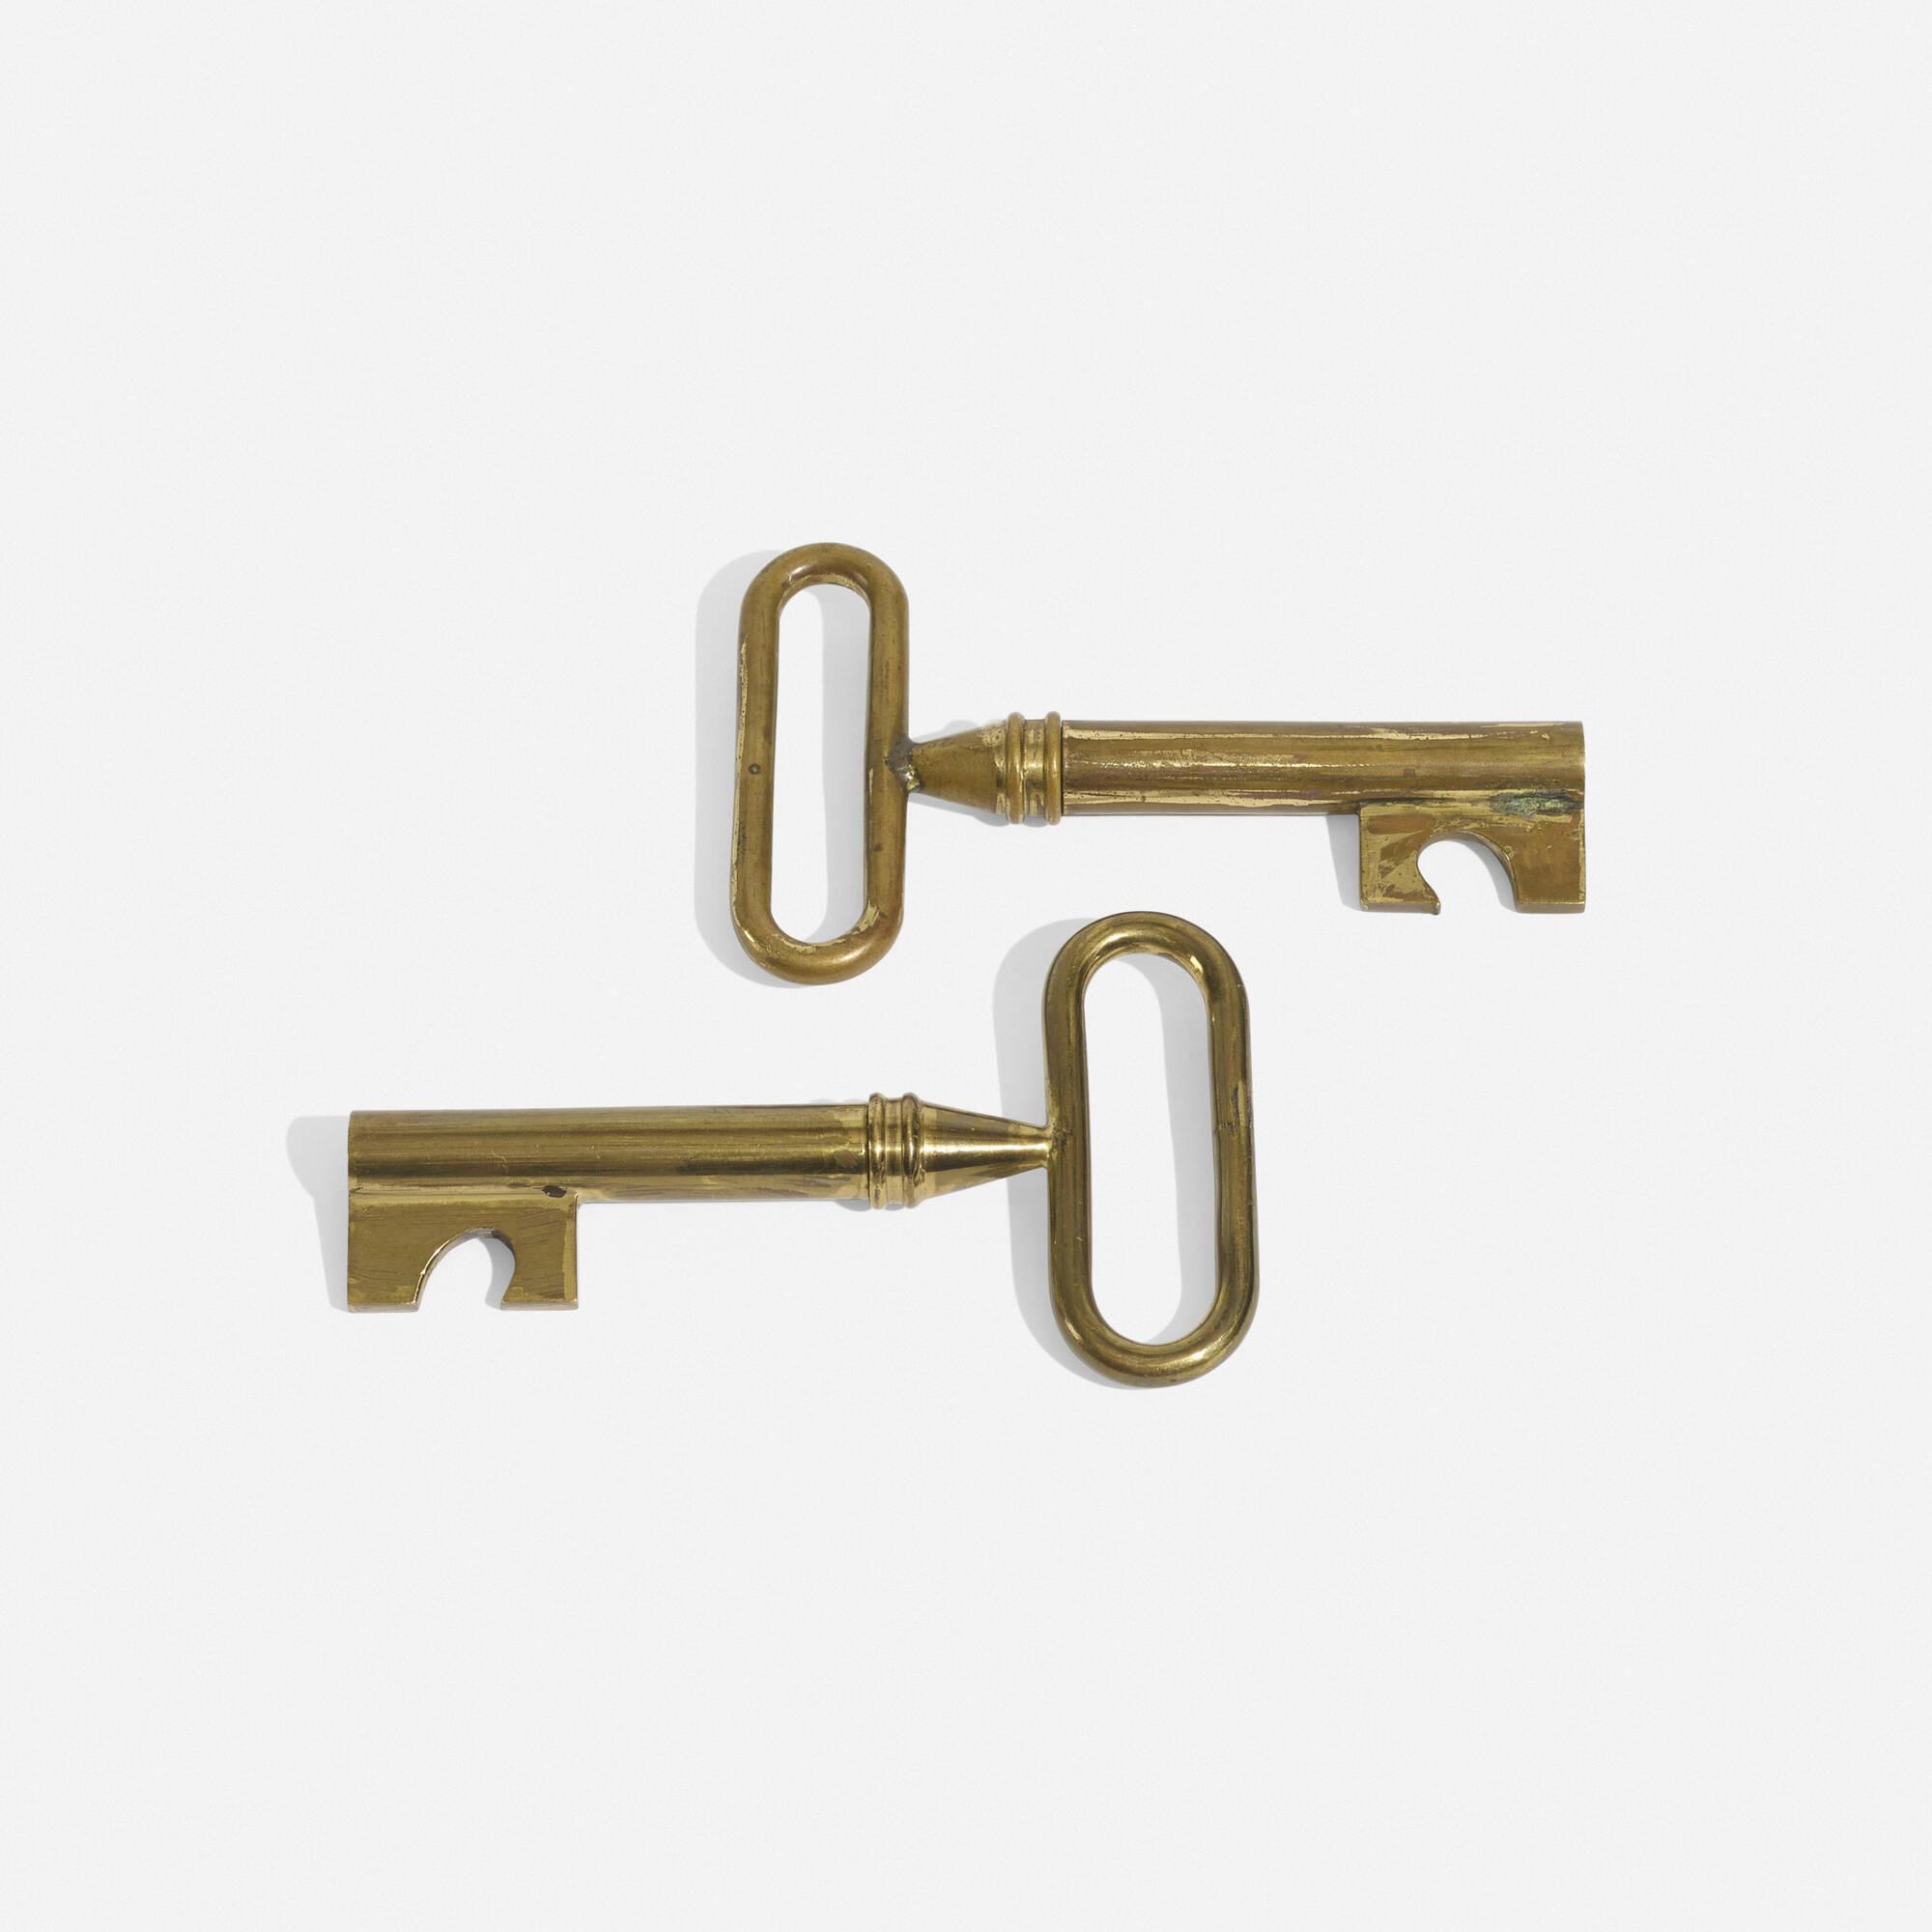 270: Carl Auböck II / corkscrews, pair (1 of 3)